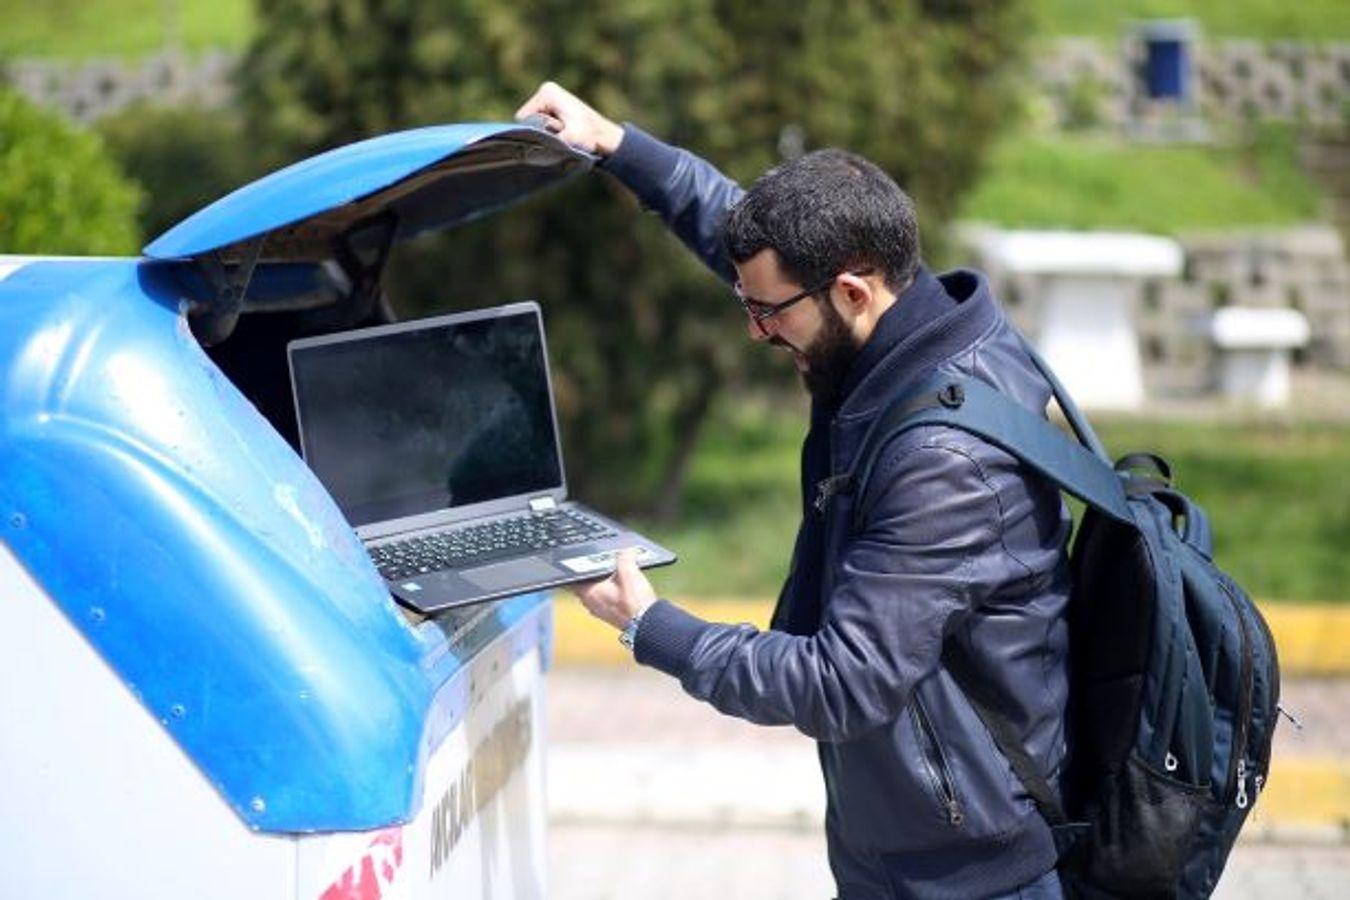 Numérique responsable : la collecte.tech, une plateforme pour collecter, reconditionner et équiper en matériel numérique de réemploi avec Emmaus connect